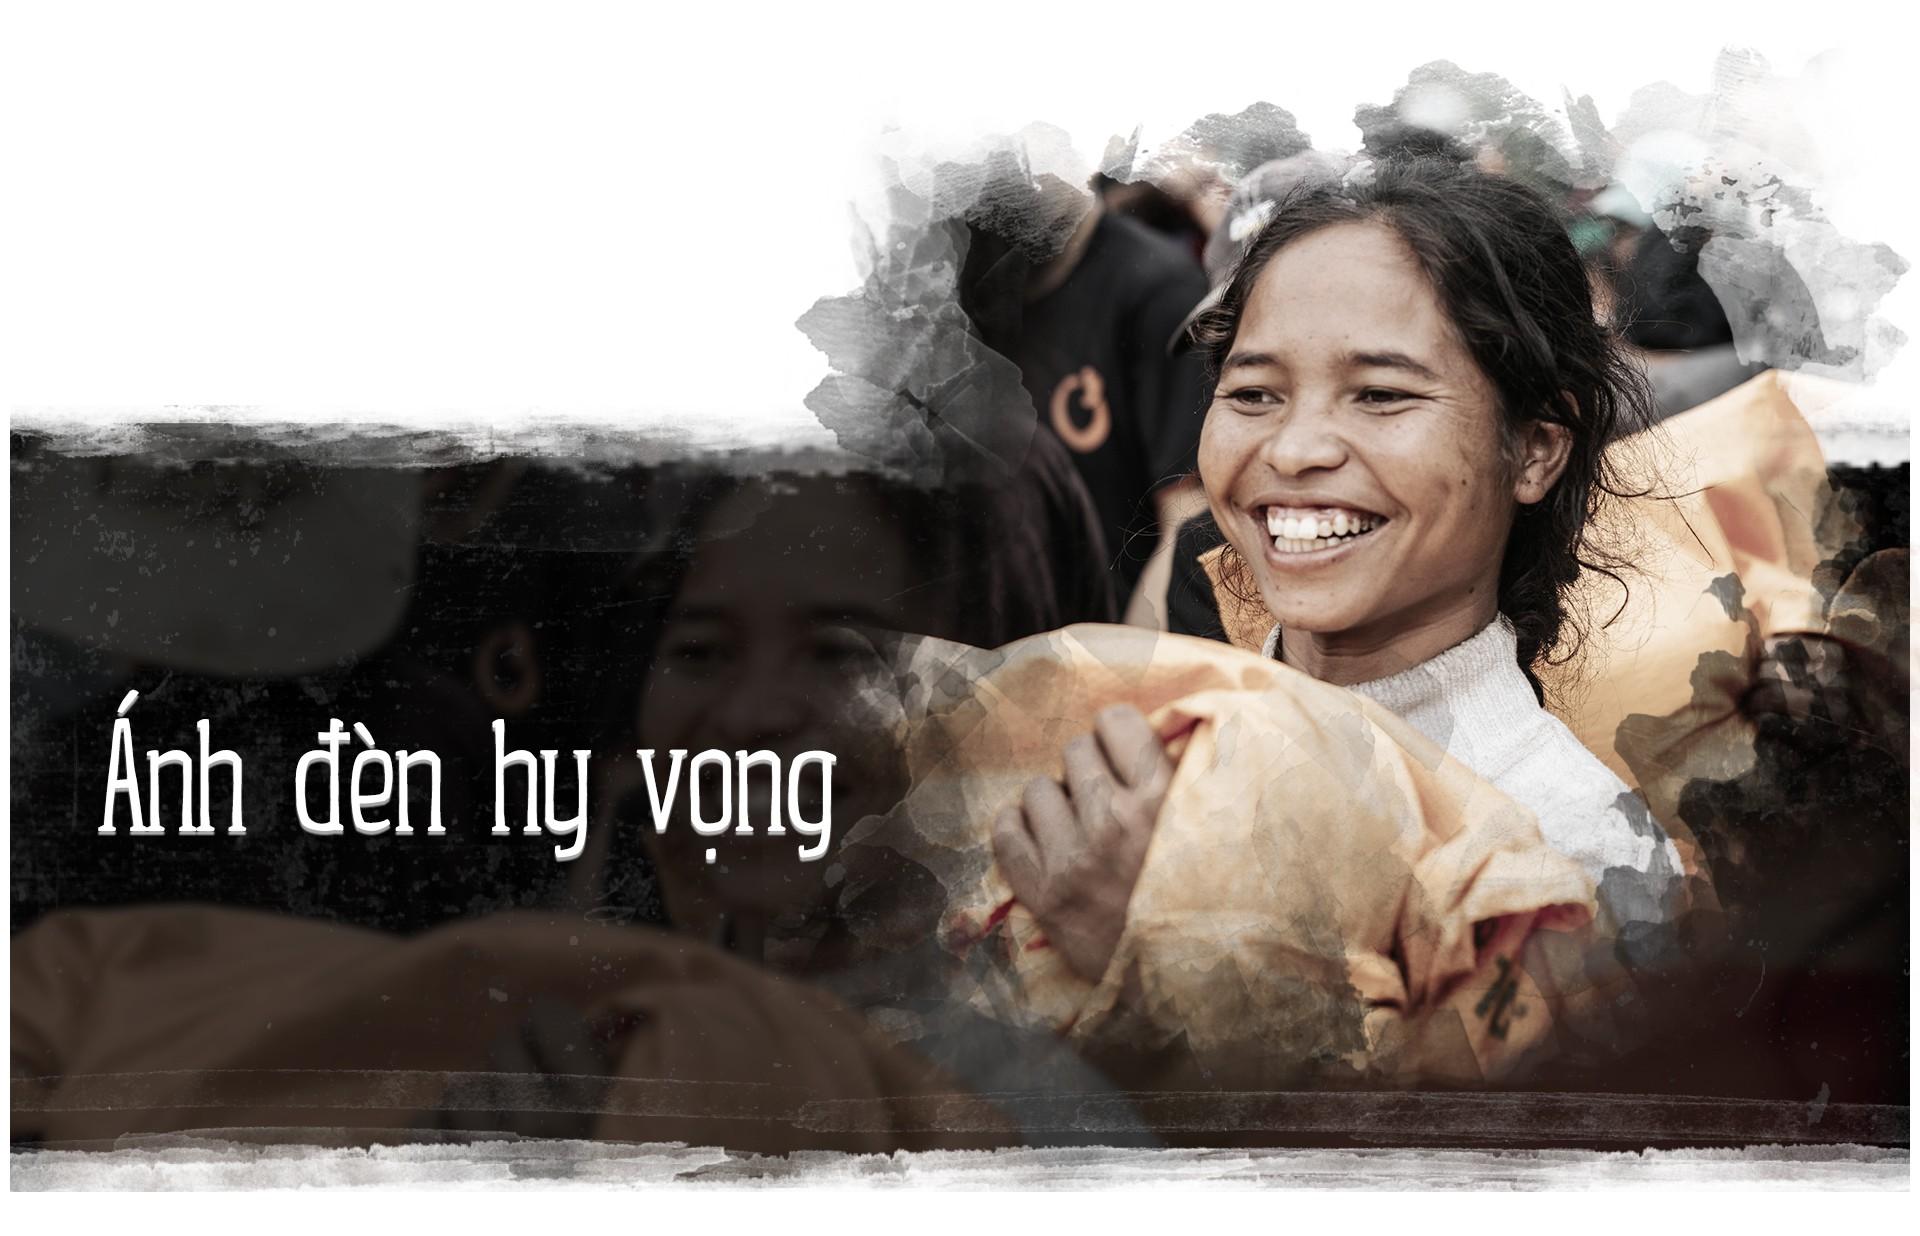 Hành trình cõng gạo cứu đói ở vùng biên của 70 người trẻ - Ảnh 9.